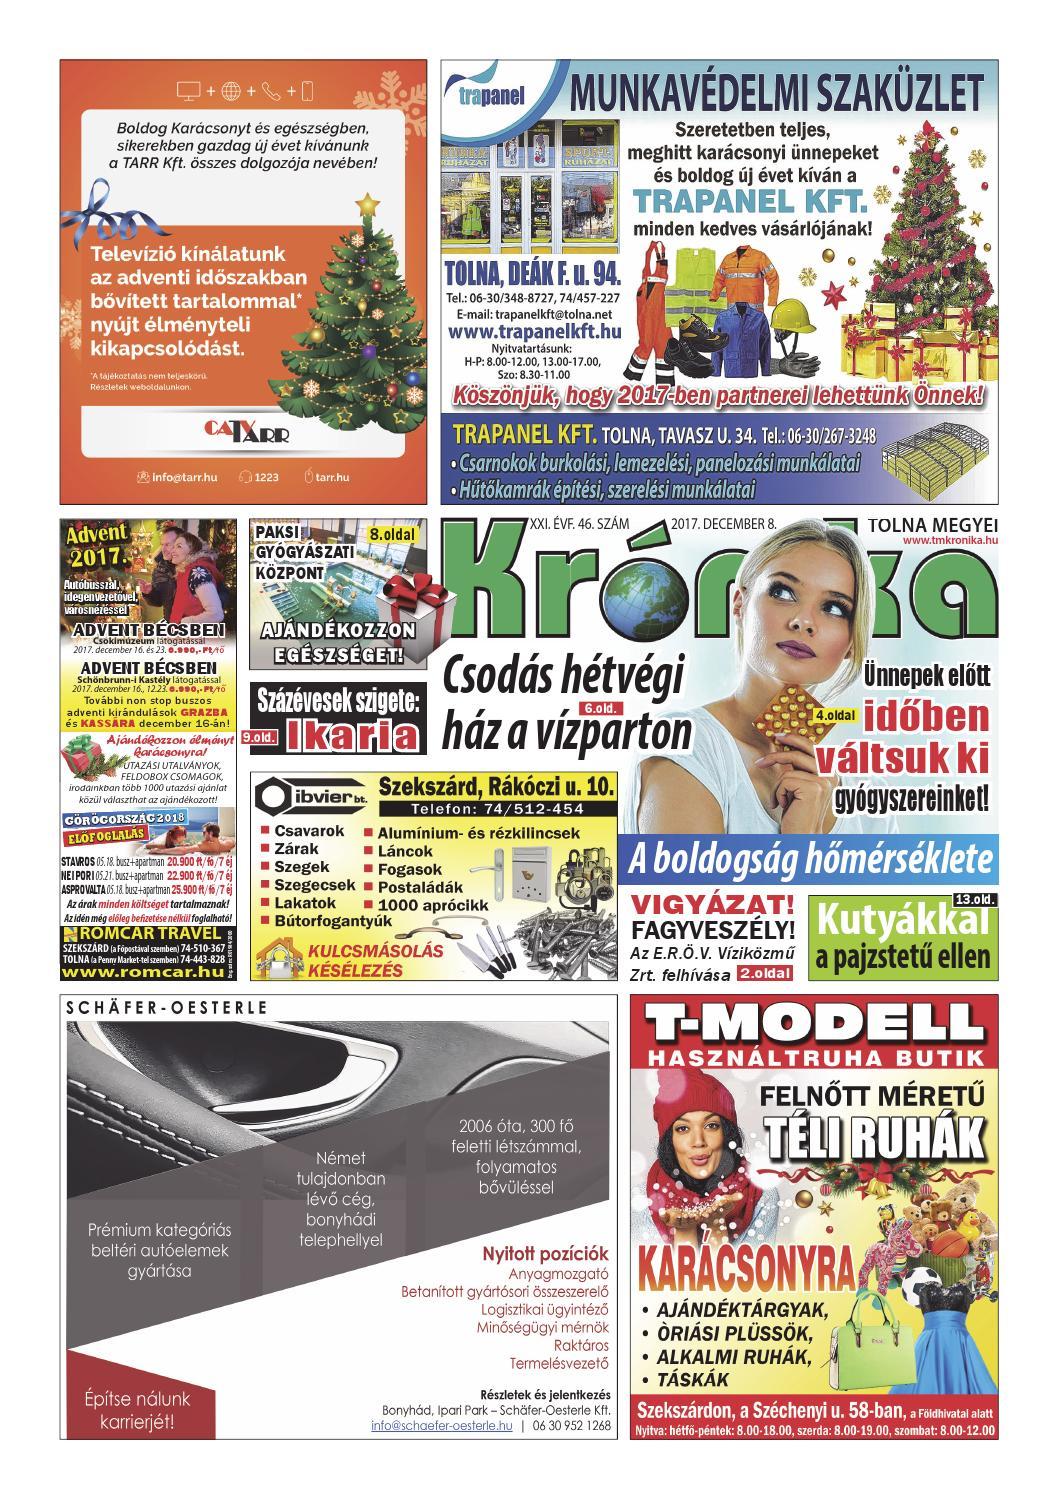 TM Kronika 2017 46 by Tolna Megyei Krónika - issuu a192bf5d31